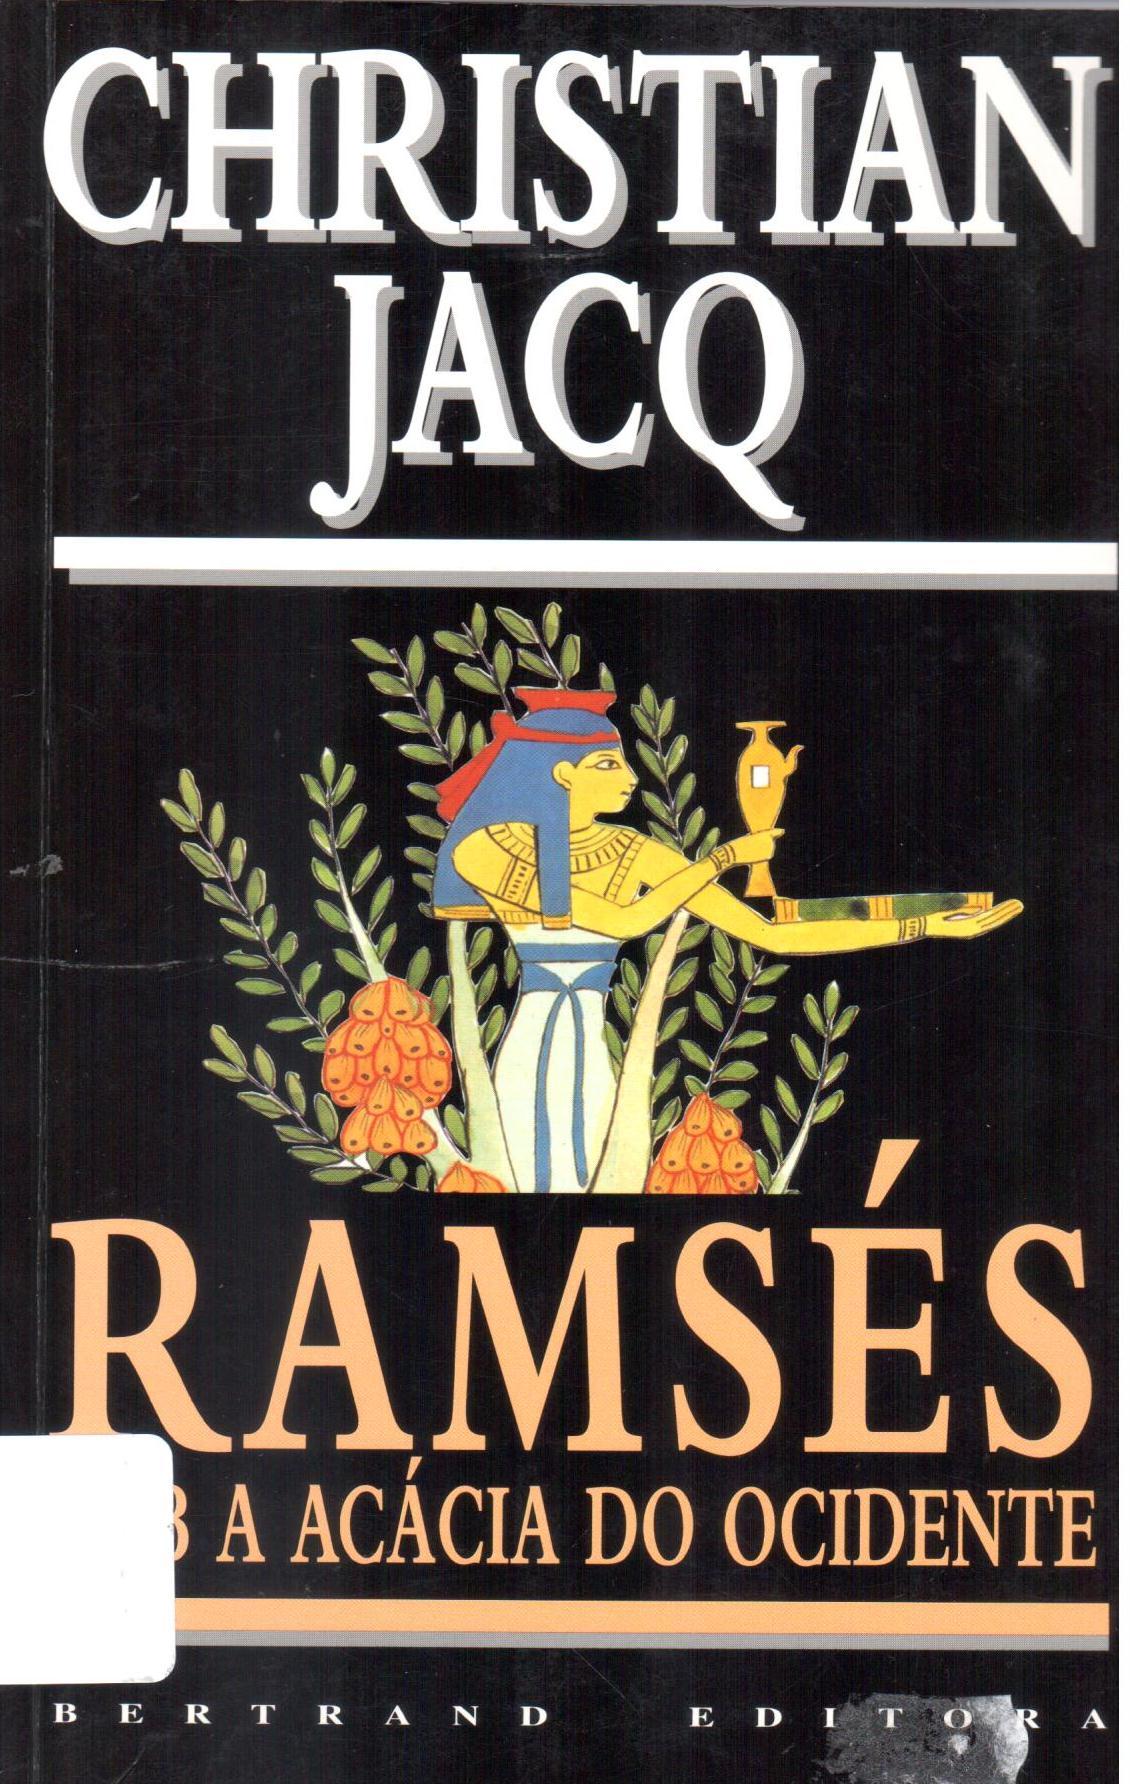 Ramsés. Sob A Acácia do Ocidente